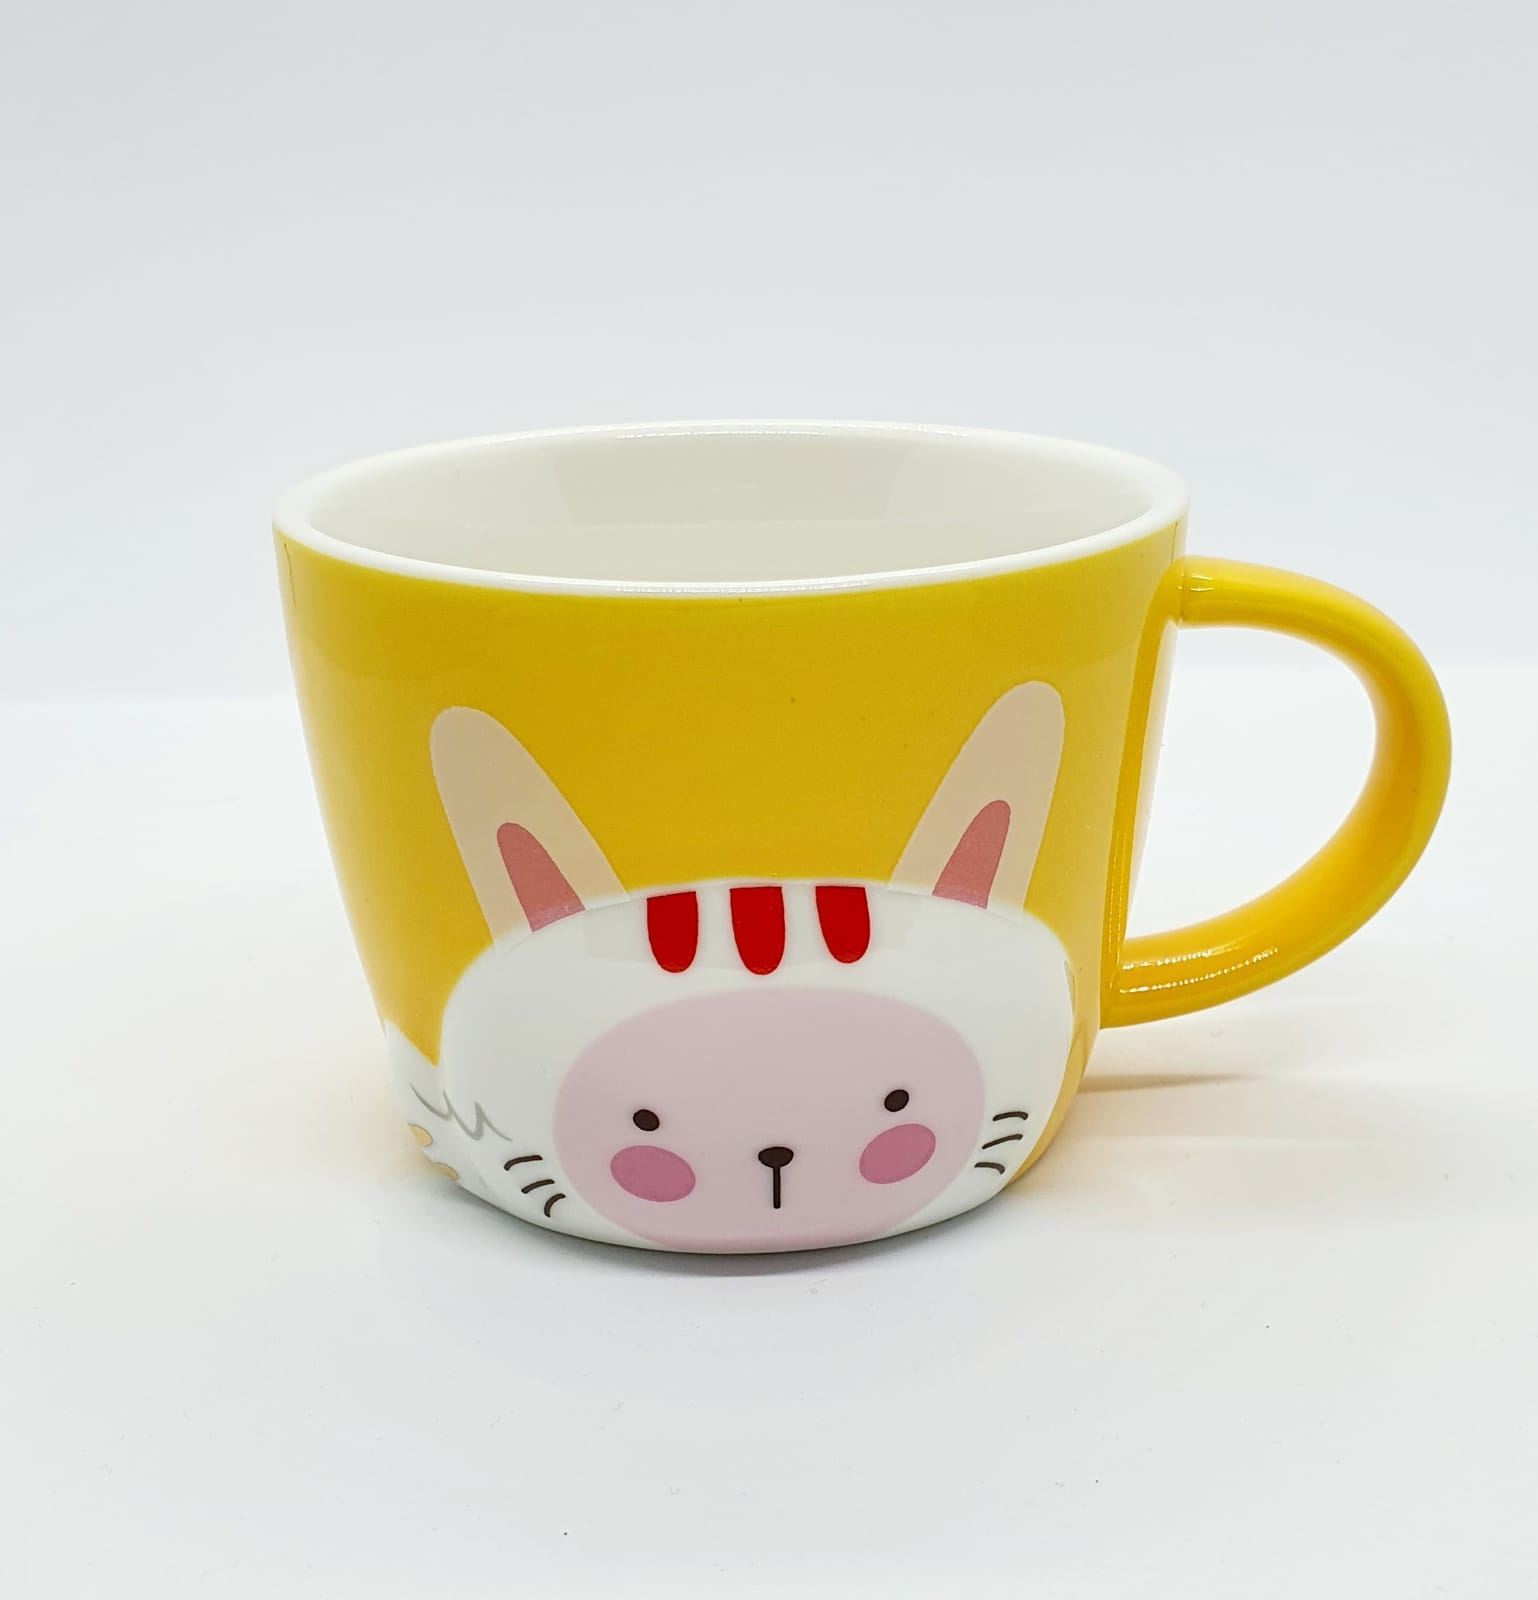 Caneca/Vaso gatinho colors amarelo em cerâmica - 200ml